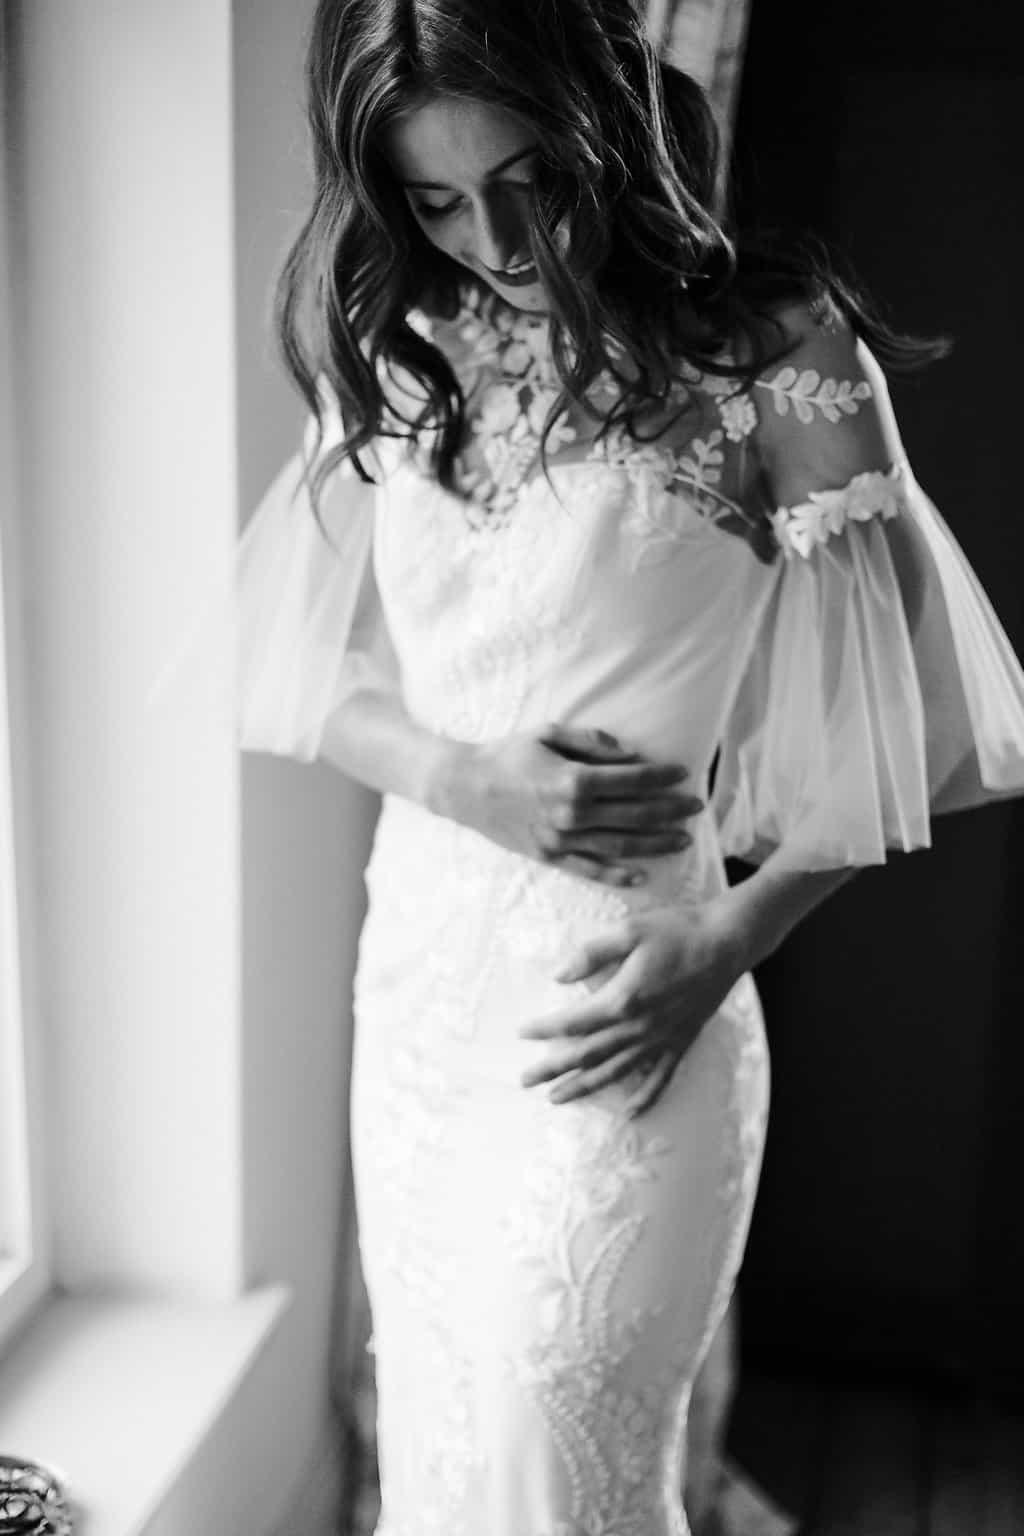 Hochzeitsinspiration: Boho Finesse, Marsala-Gold, Brautkleid mit Ärmeln, Meerjungfrauenschnitt | marygoesround.de